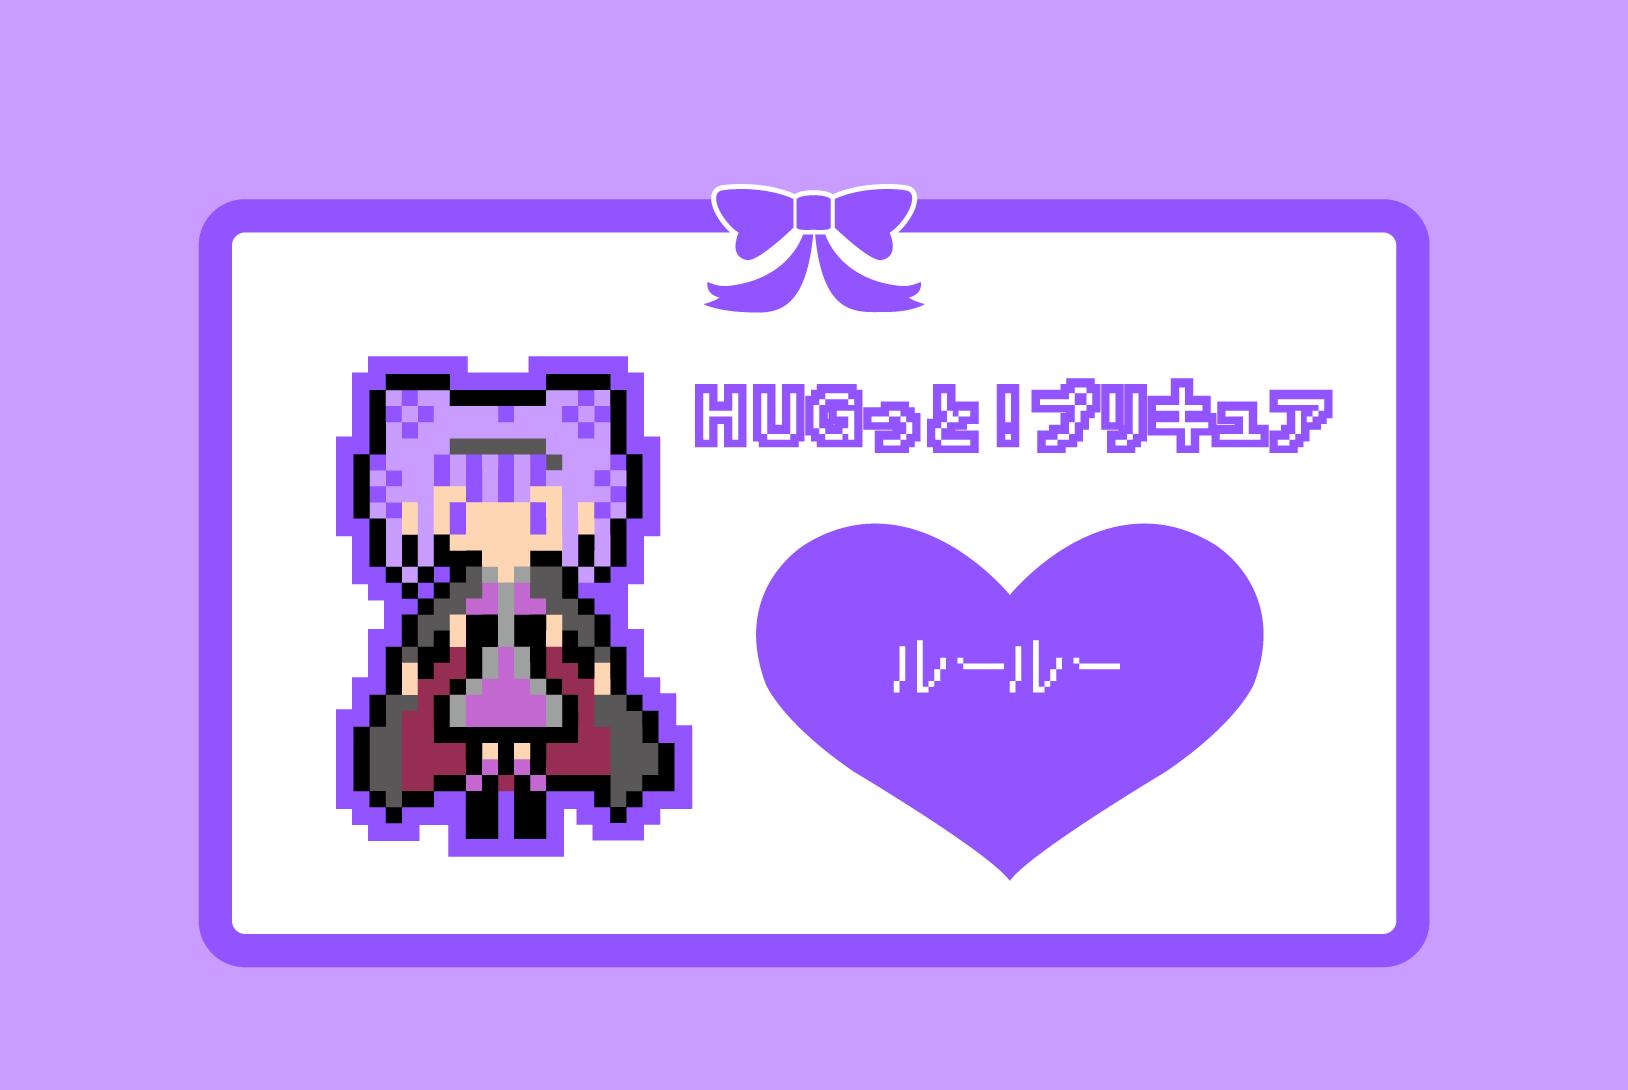 【HUGっと!プリキュア】ルールーのアイロンビーズ図案【クライアス社】